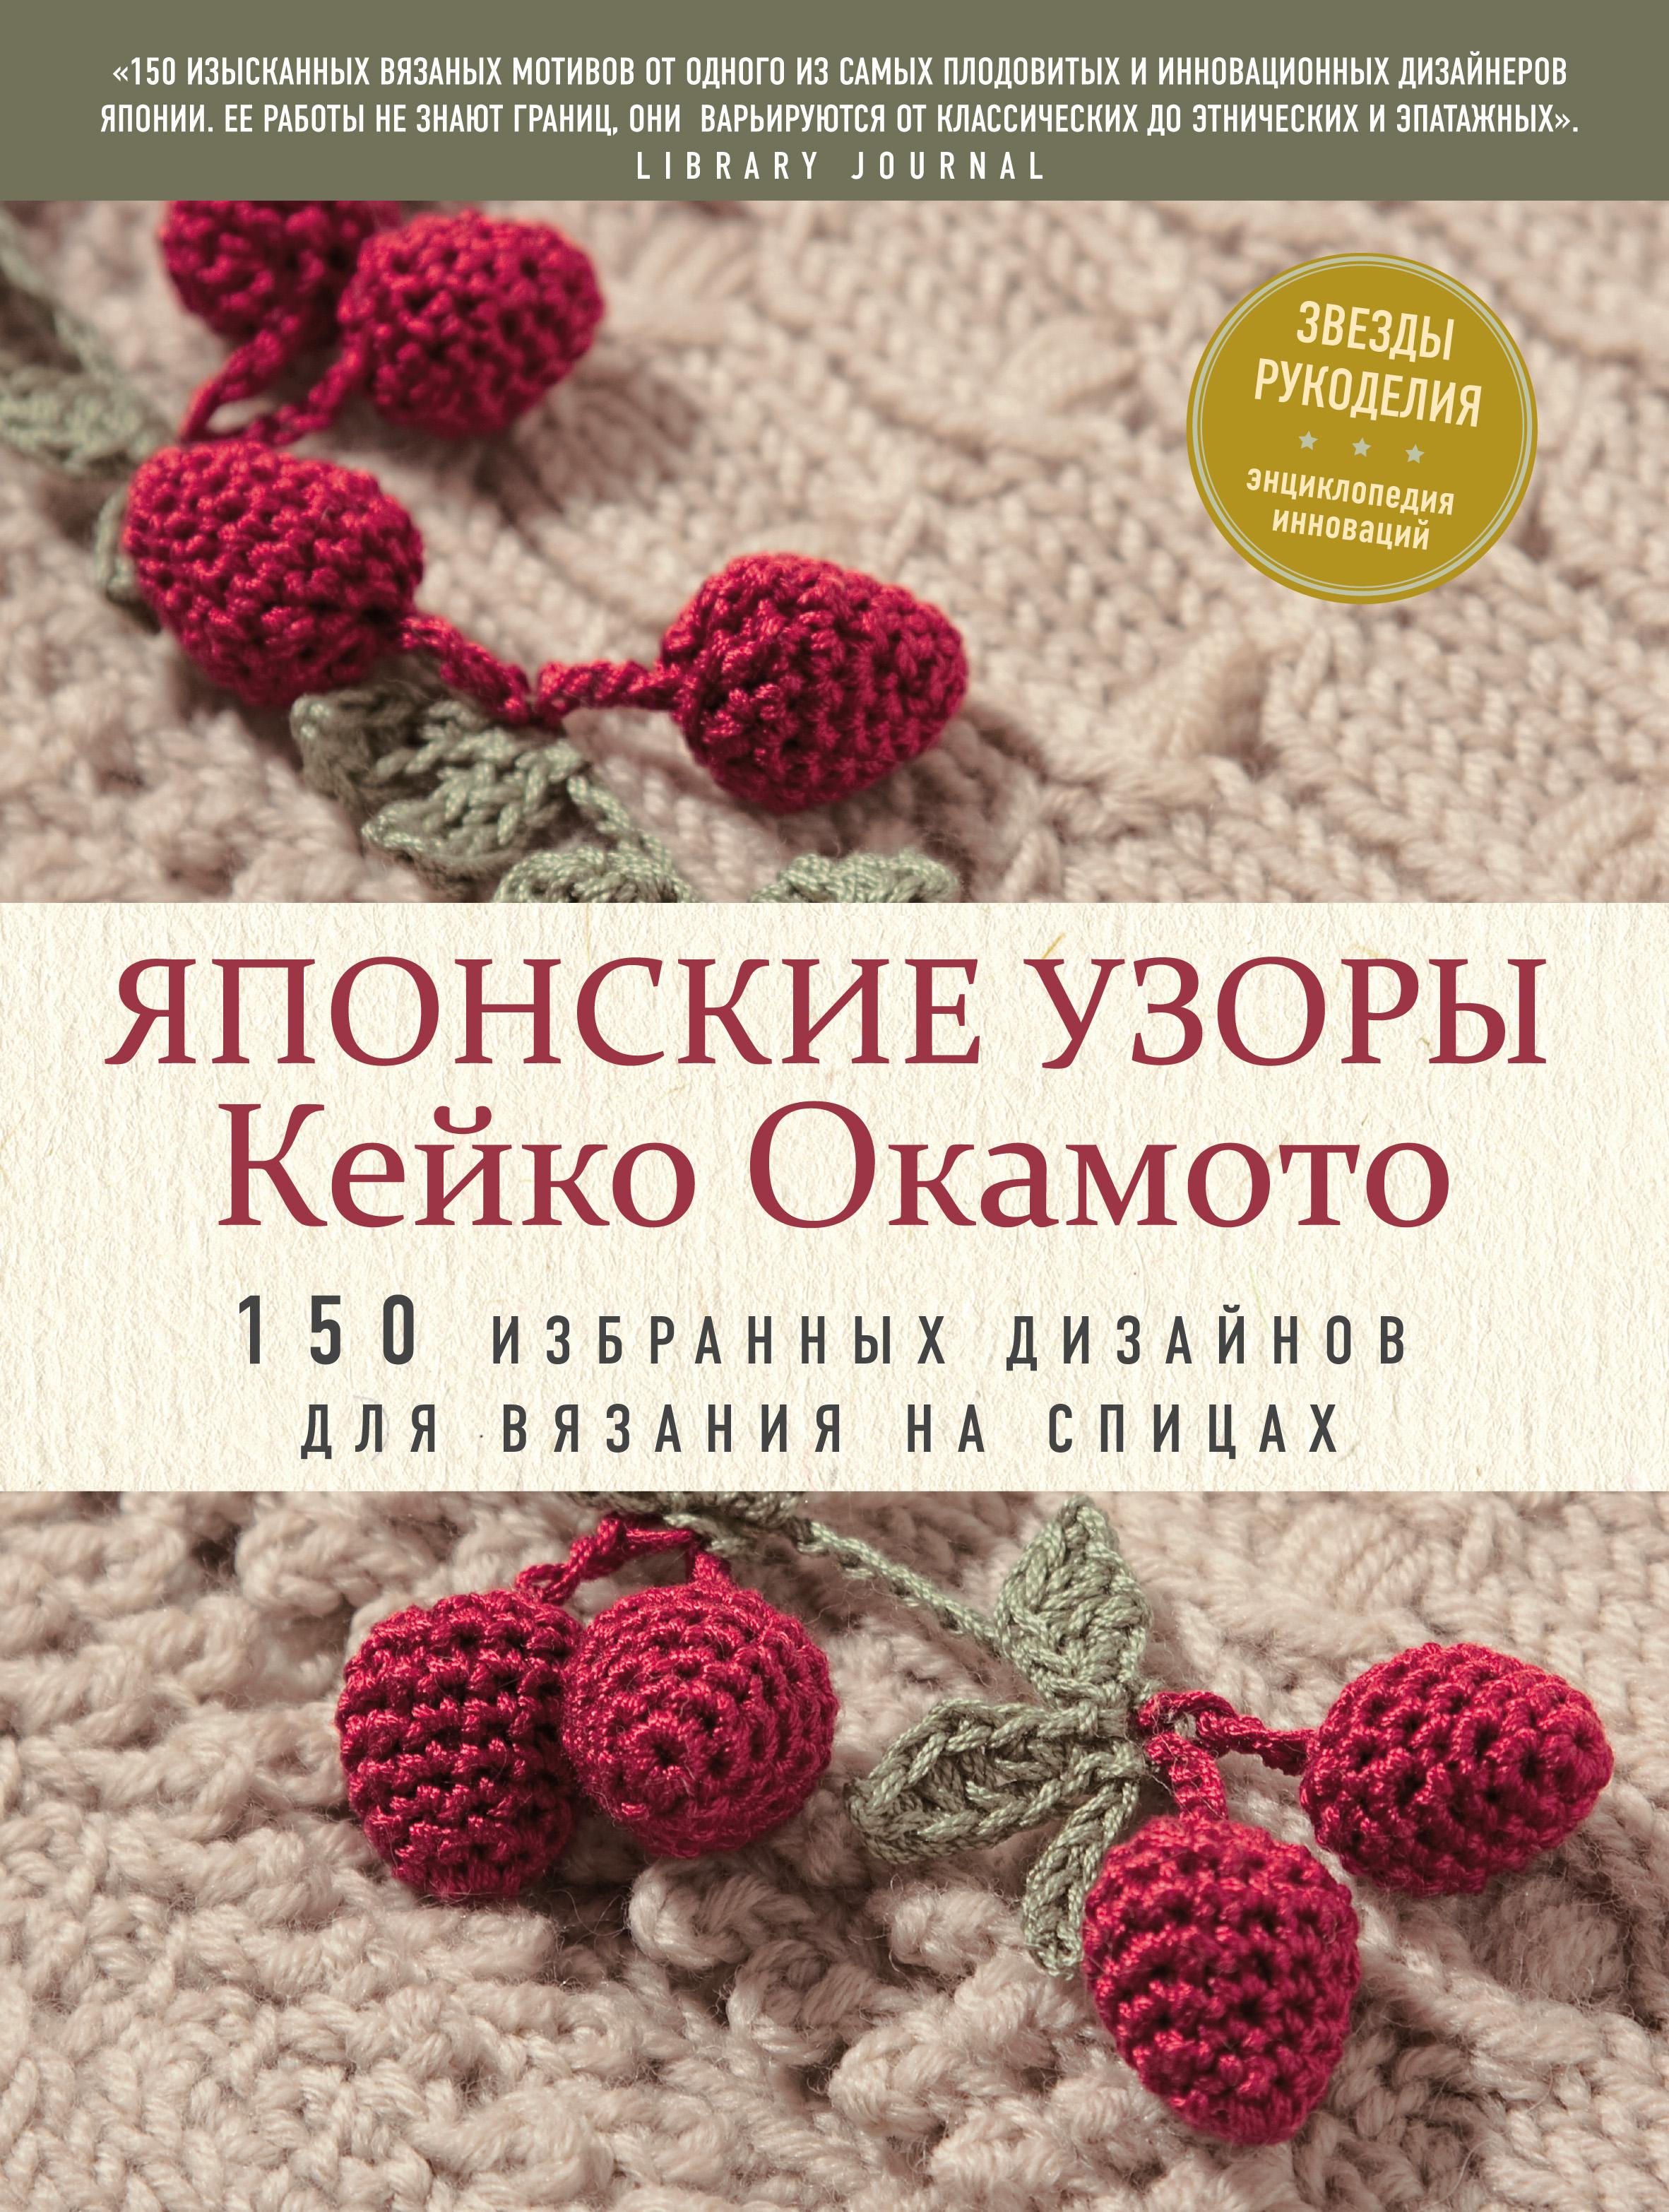 Купить книгу Японские узоры Кейко Окамото. 150 избранных дизайнов для вязания на спицах, автора